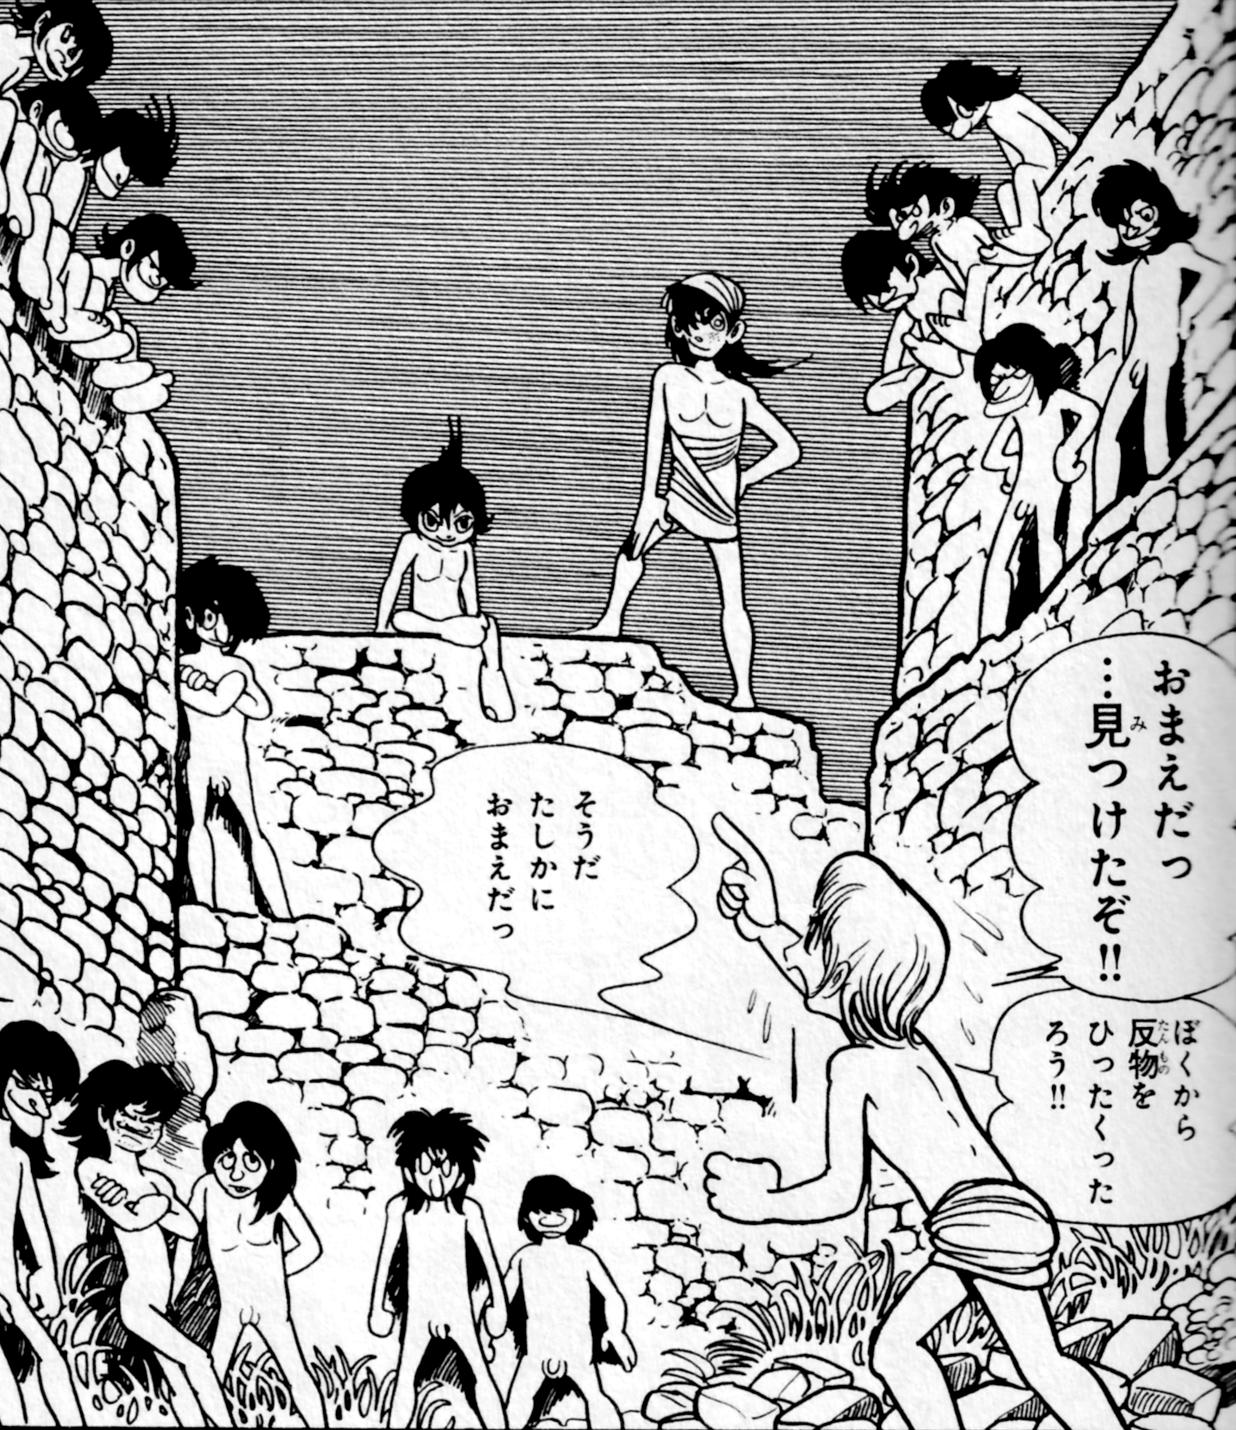 漫画『ブッダ』の魅力4:大胆な構成のストーリー